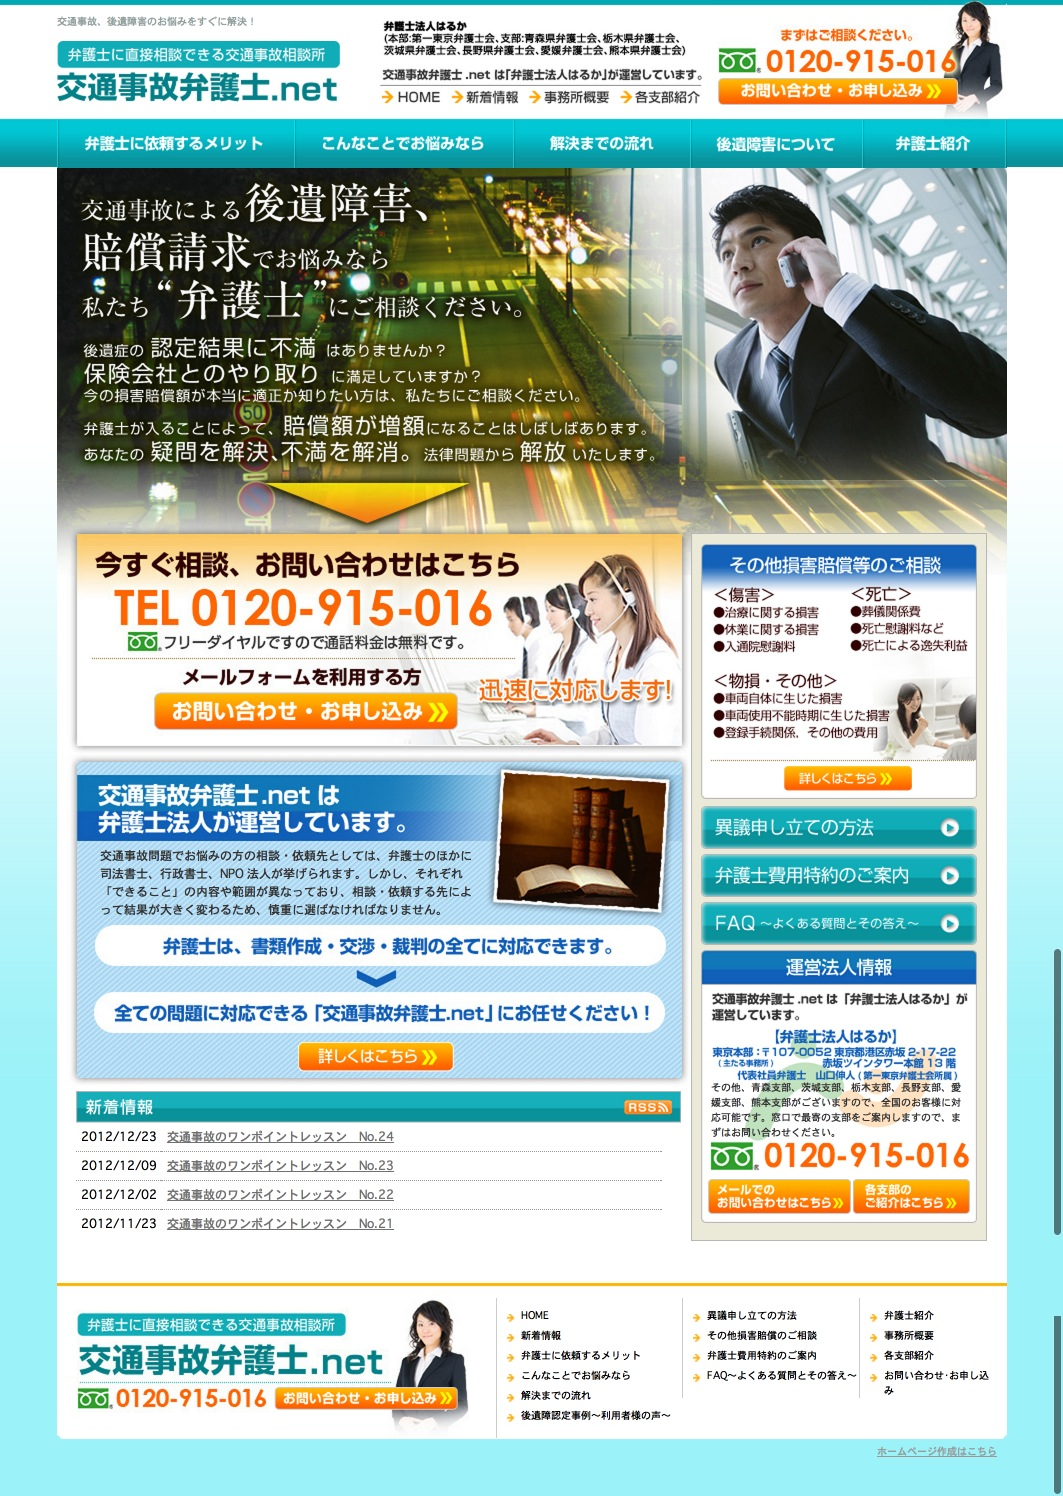 交通事故弁護士 .net ドットネット |交通事故、後遺障害でお悩みなら!